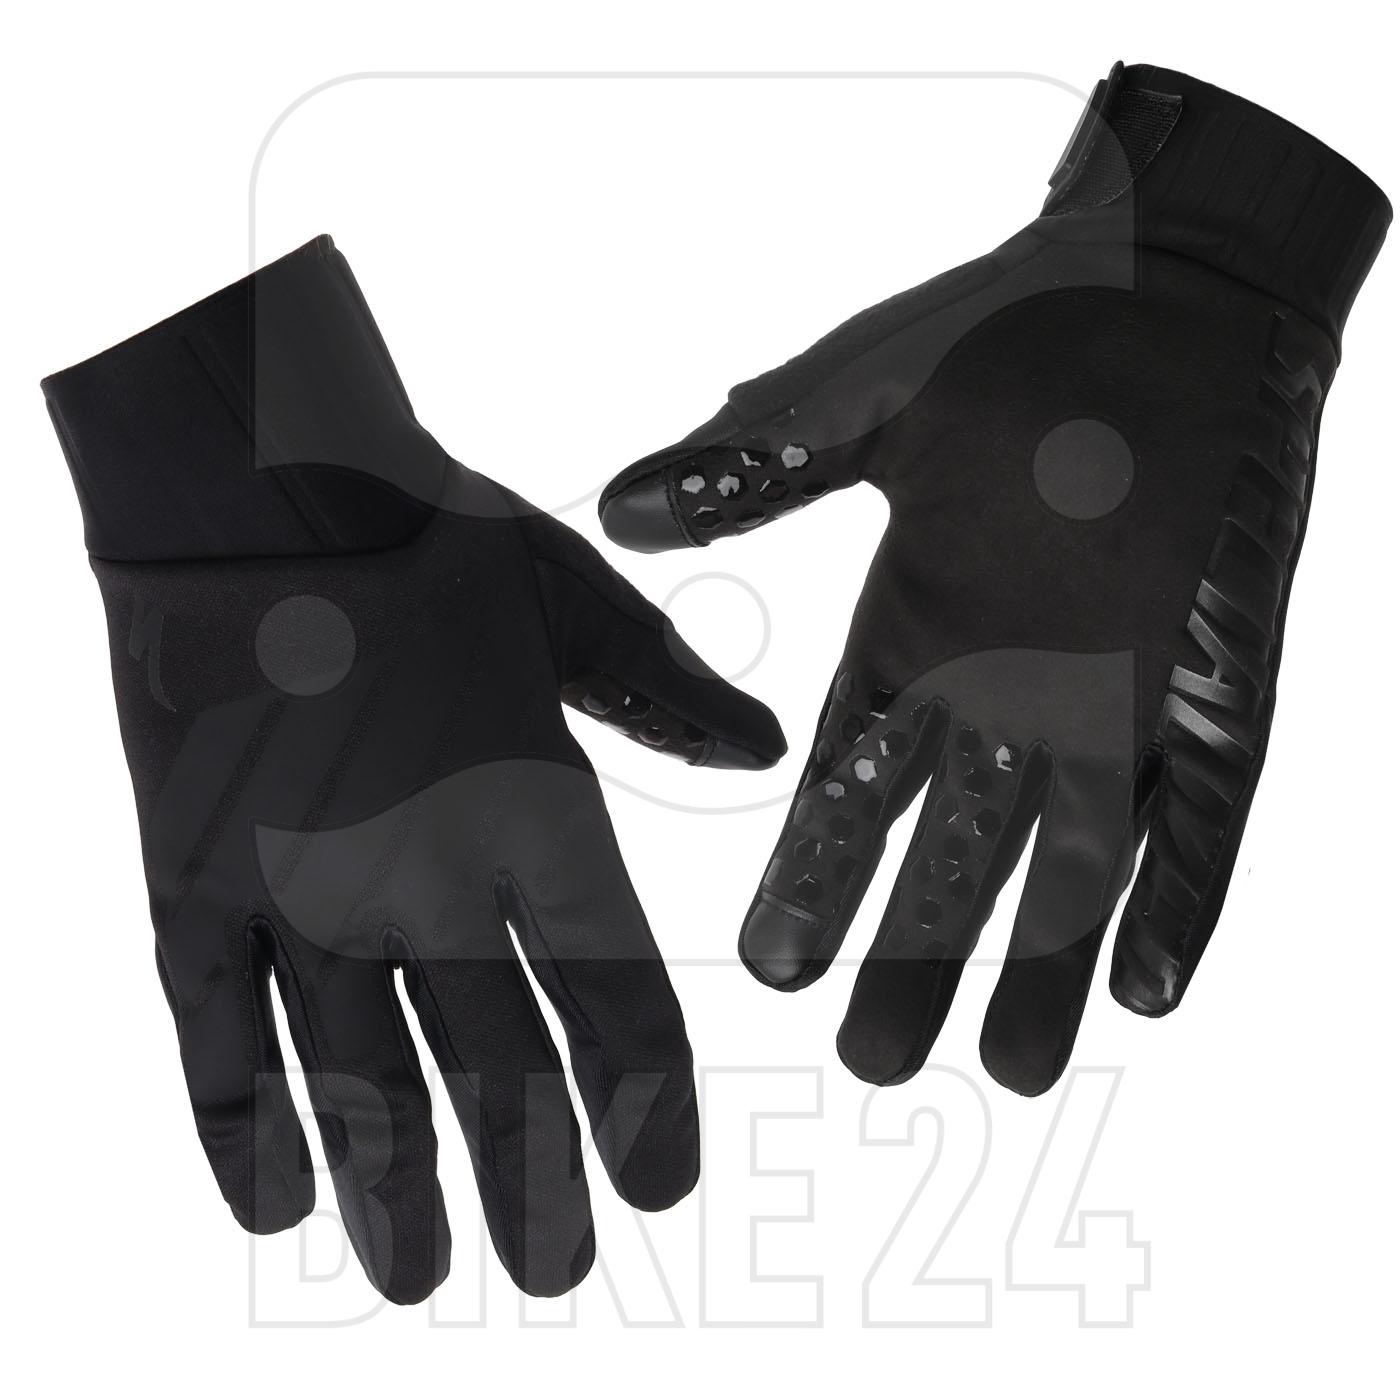 Produktbild von Specialized Trail-Series Thermal Damen Handschuhe - schwarz